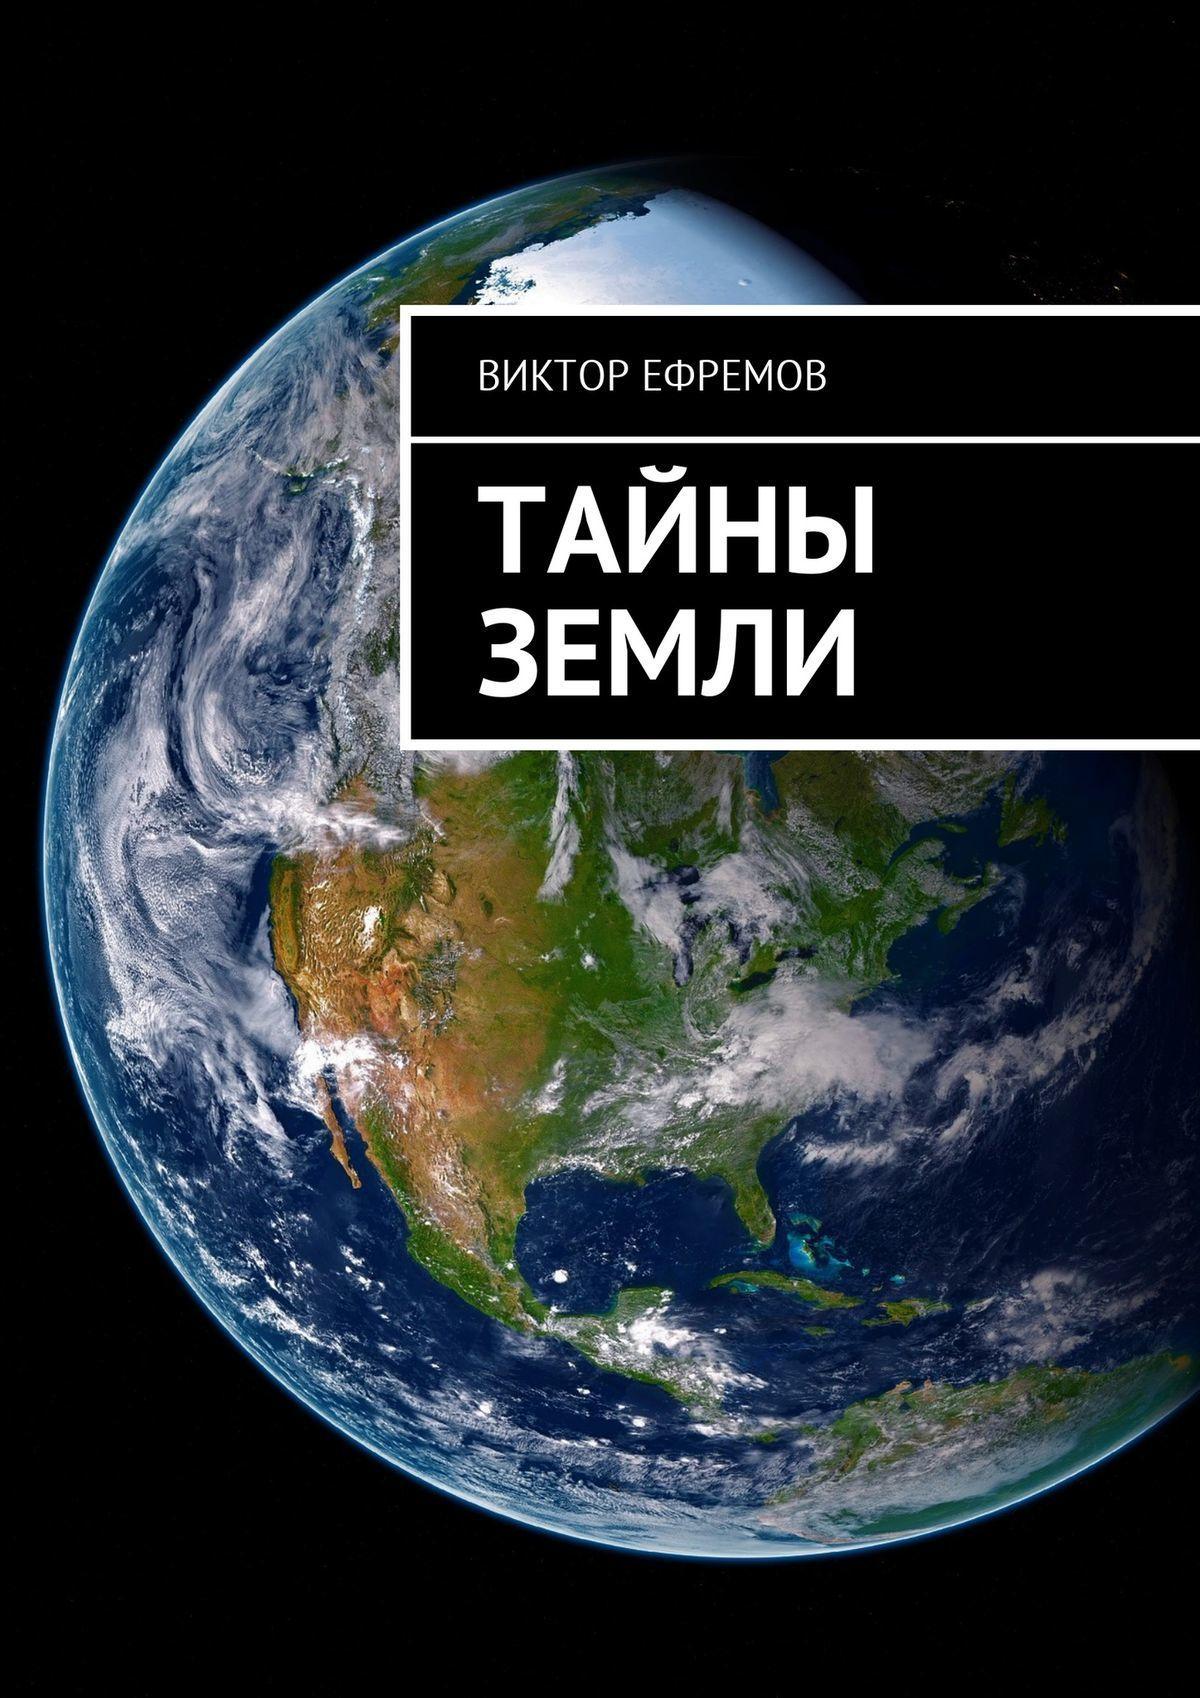 Виктор Ефремов Тайны Земли